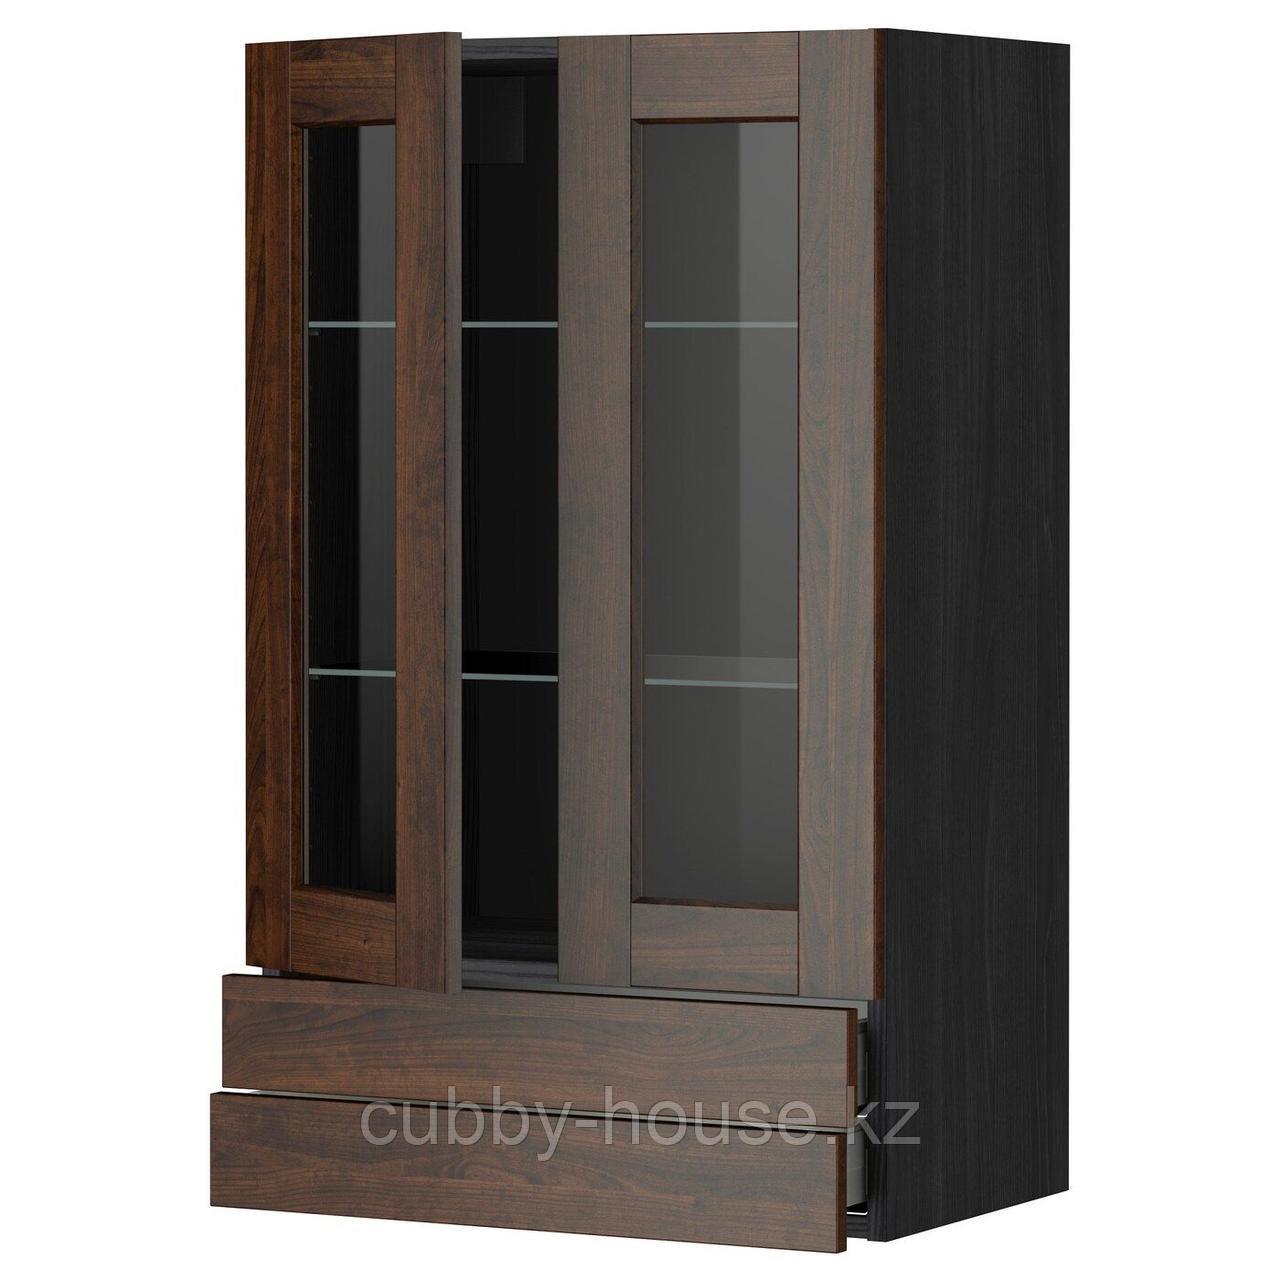 МЕТОД / МАКСИМЕРА Навесной шкаф/2 стек дв/2 ящика, белый, Будбин серый, 60x100 см